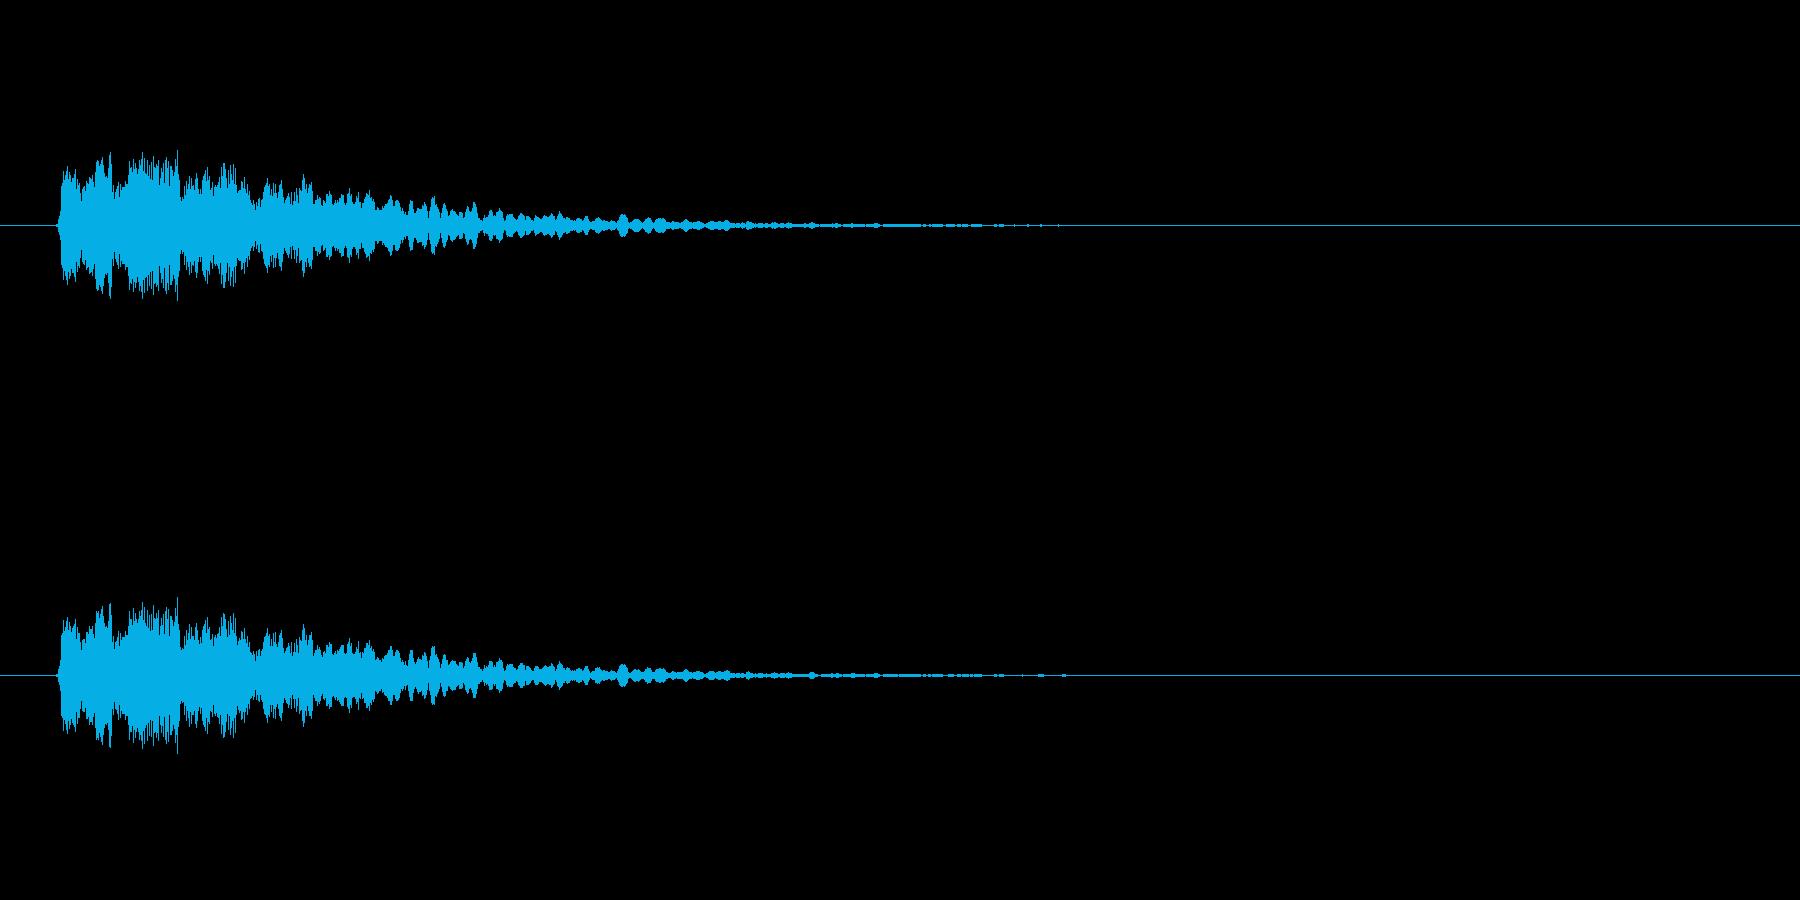 【光る06-1】の再生済みの波形